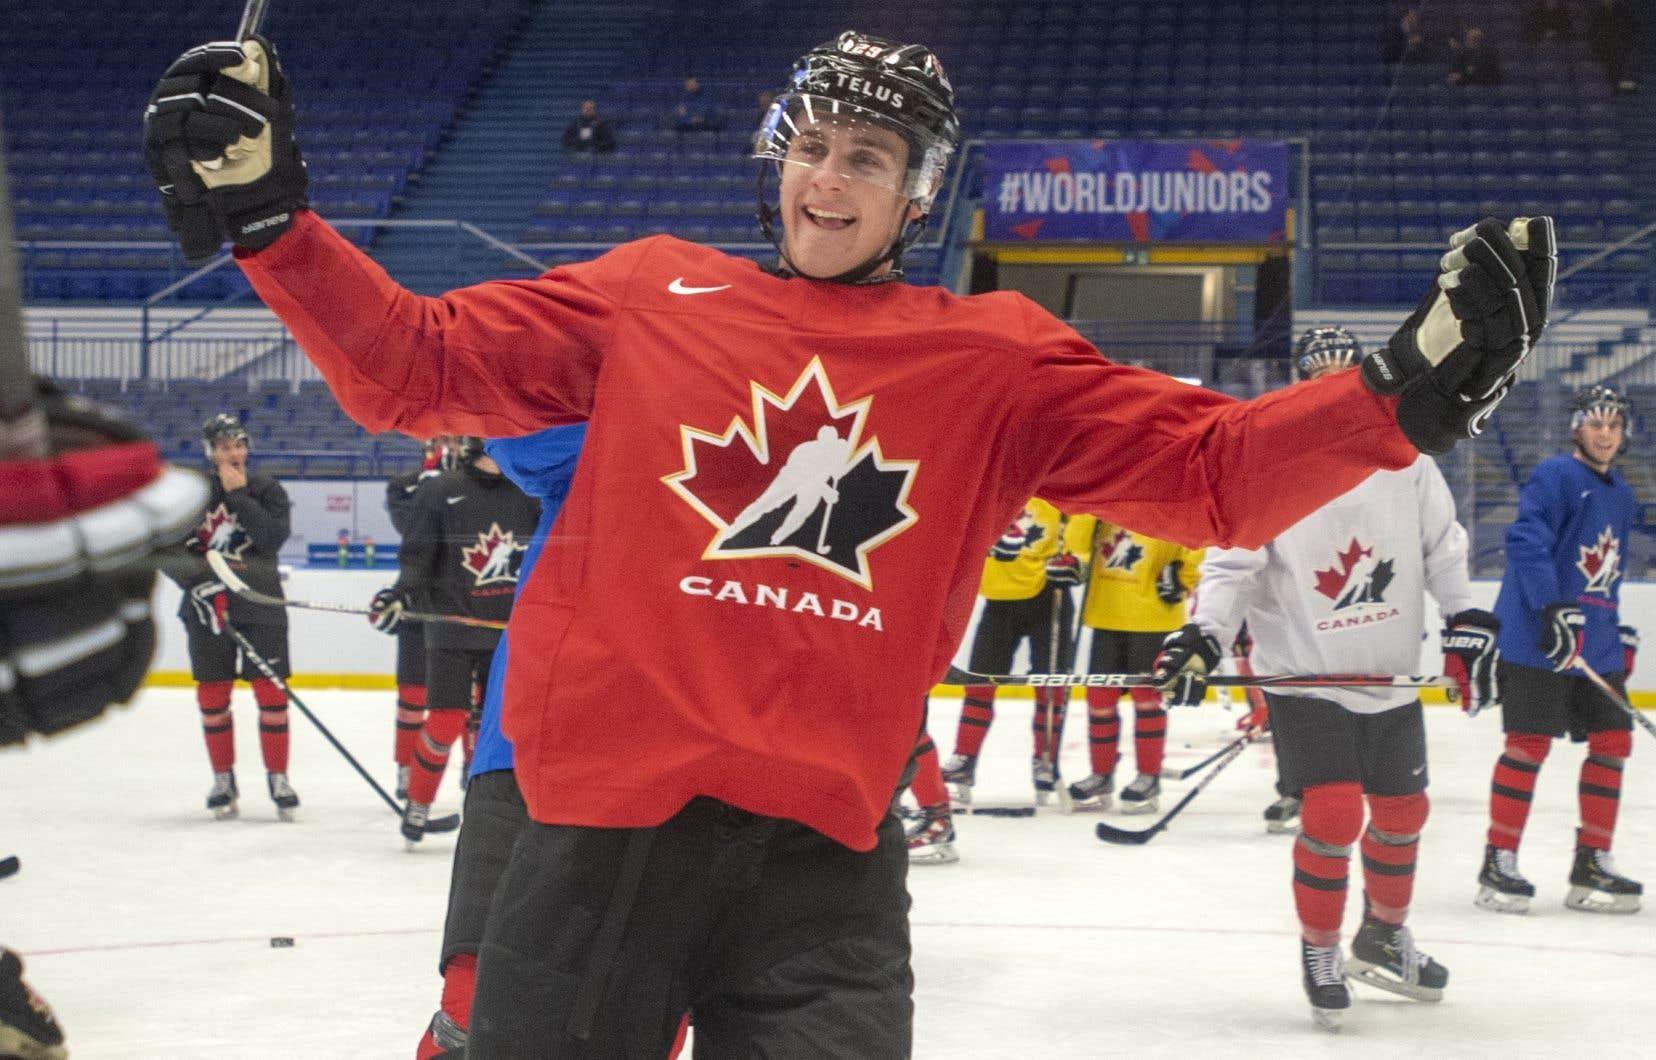 Le talentueux hockeyeur de 18ans a permis au Canada de signer une victoire de 6-4 face aux États-Unis.